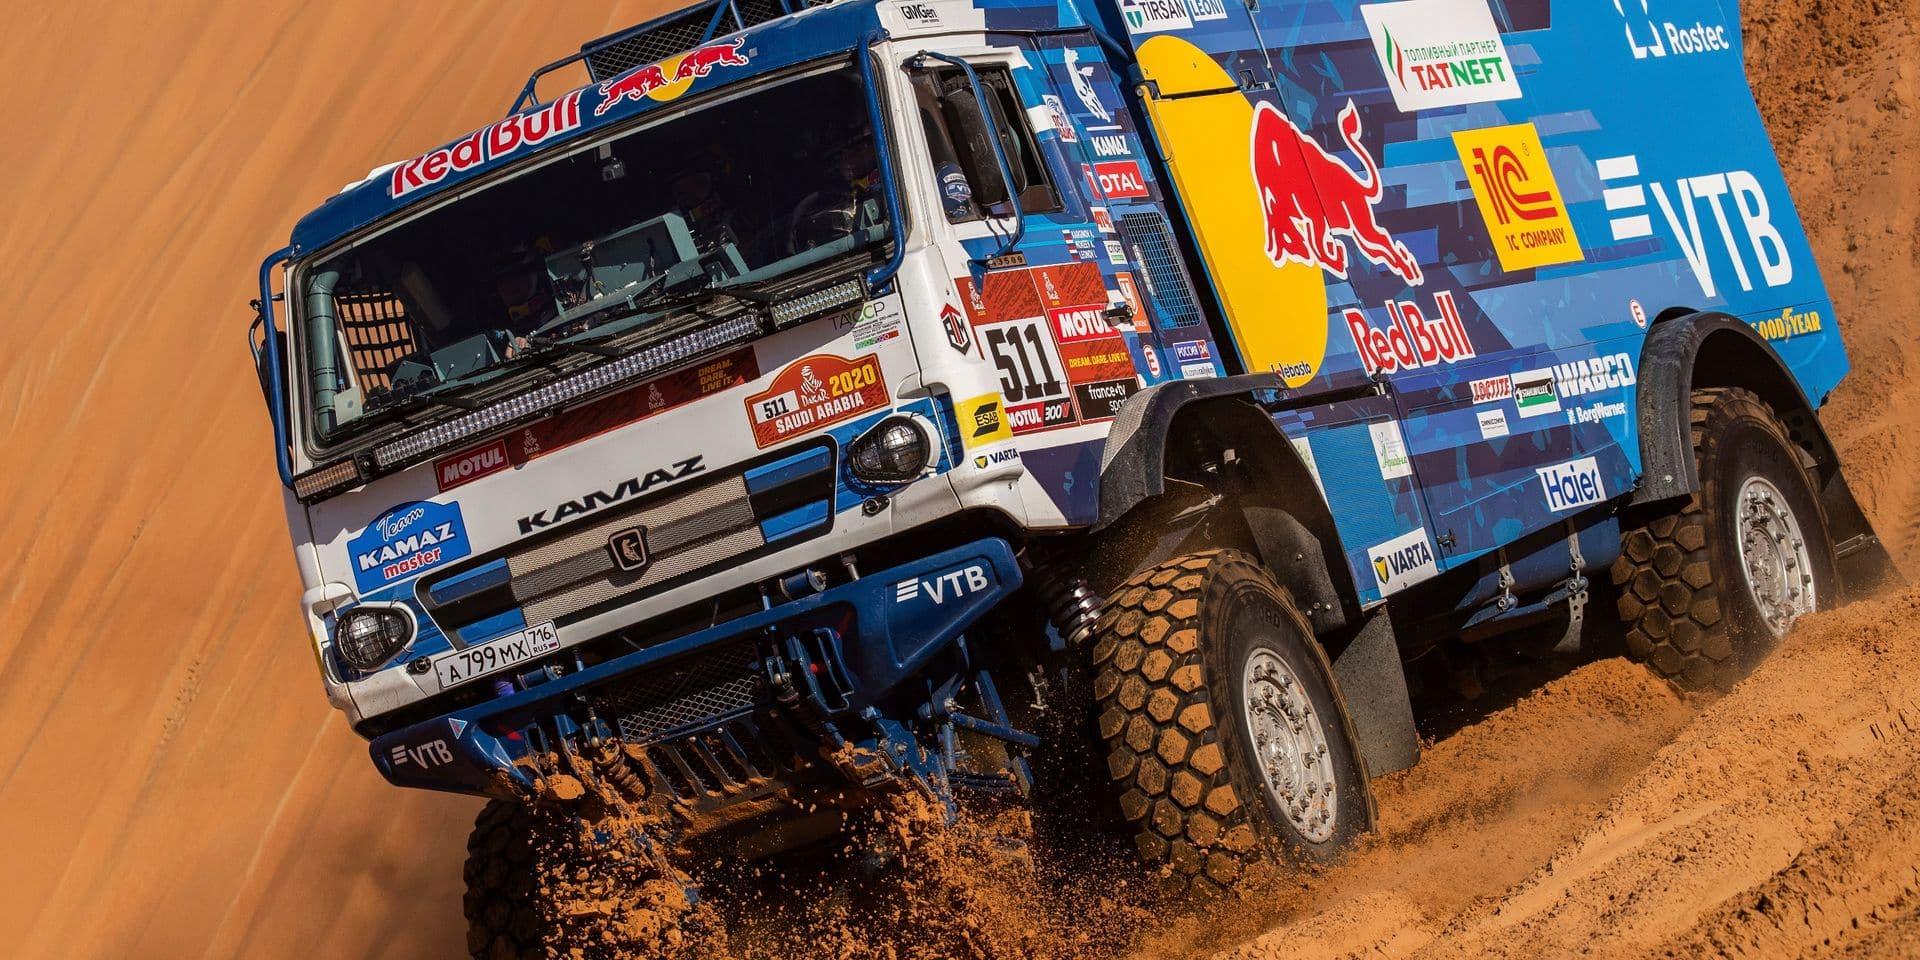 Dakar 2020: Nouvelle victoire pour Stéphane Peterhansel en auto, Andrey Karginov (Kamaz) toujours solide leader